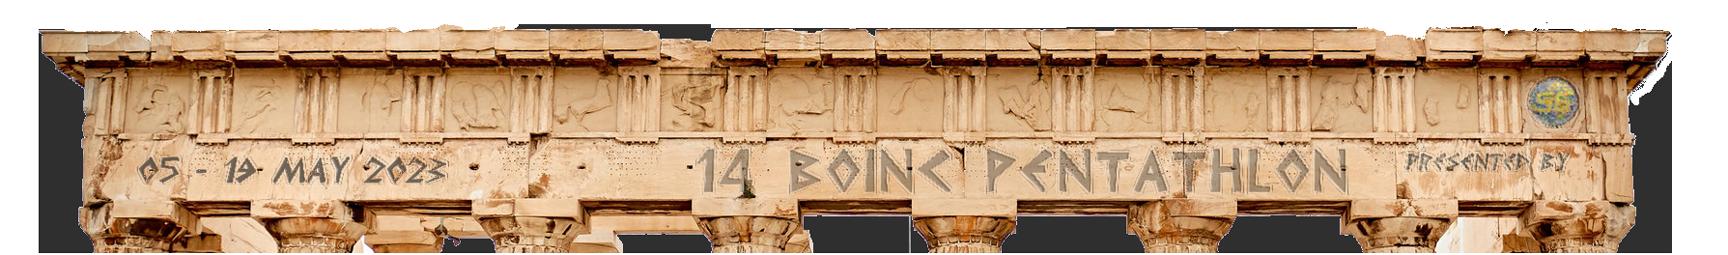 BOINC Pentathlon